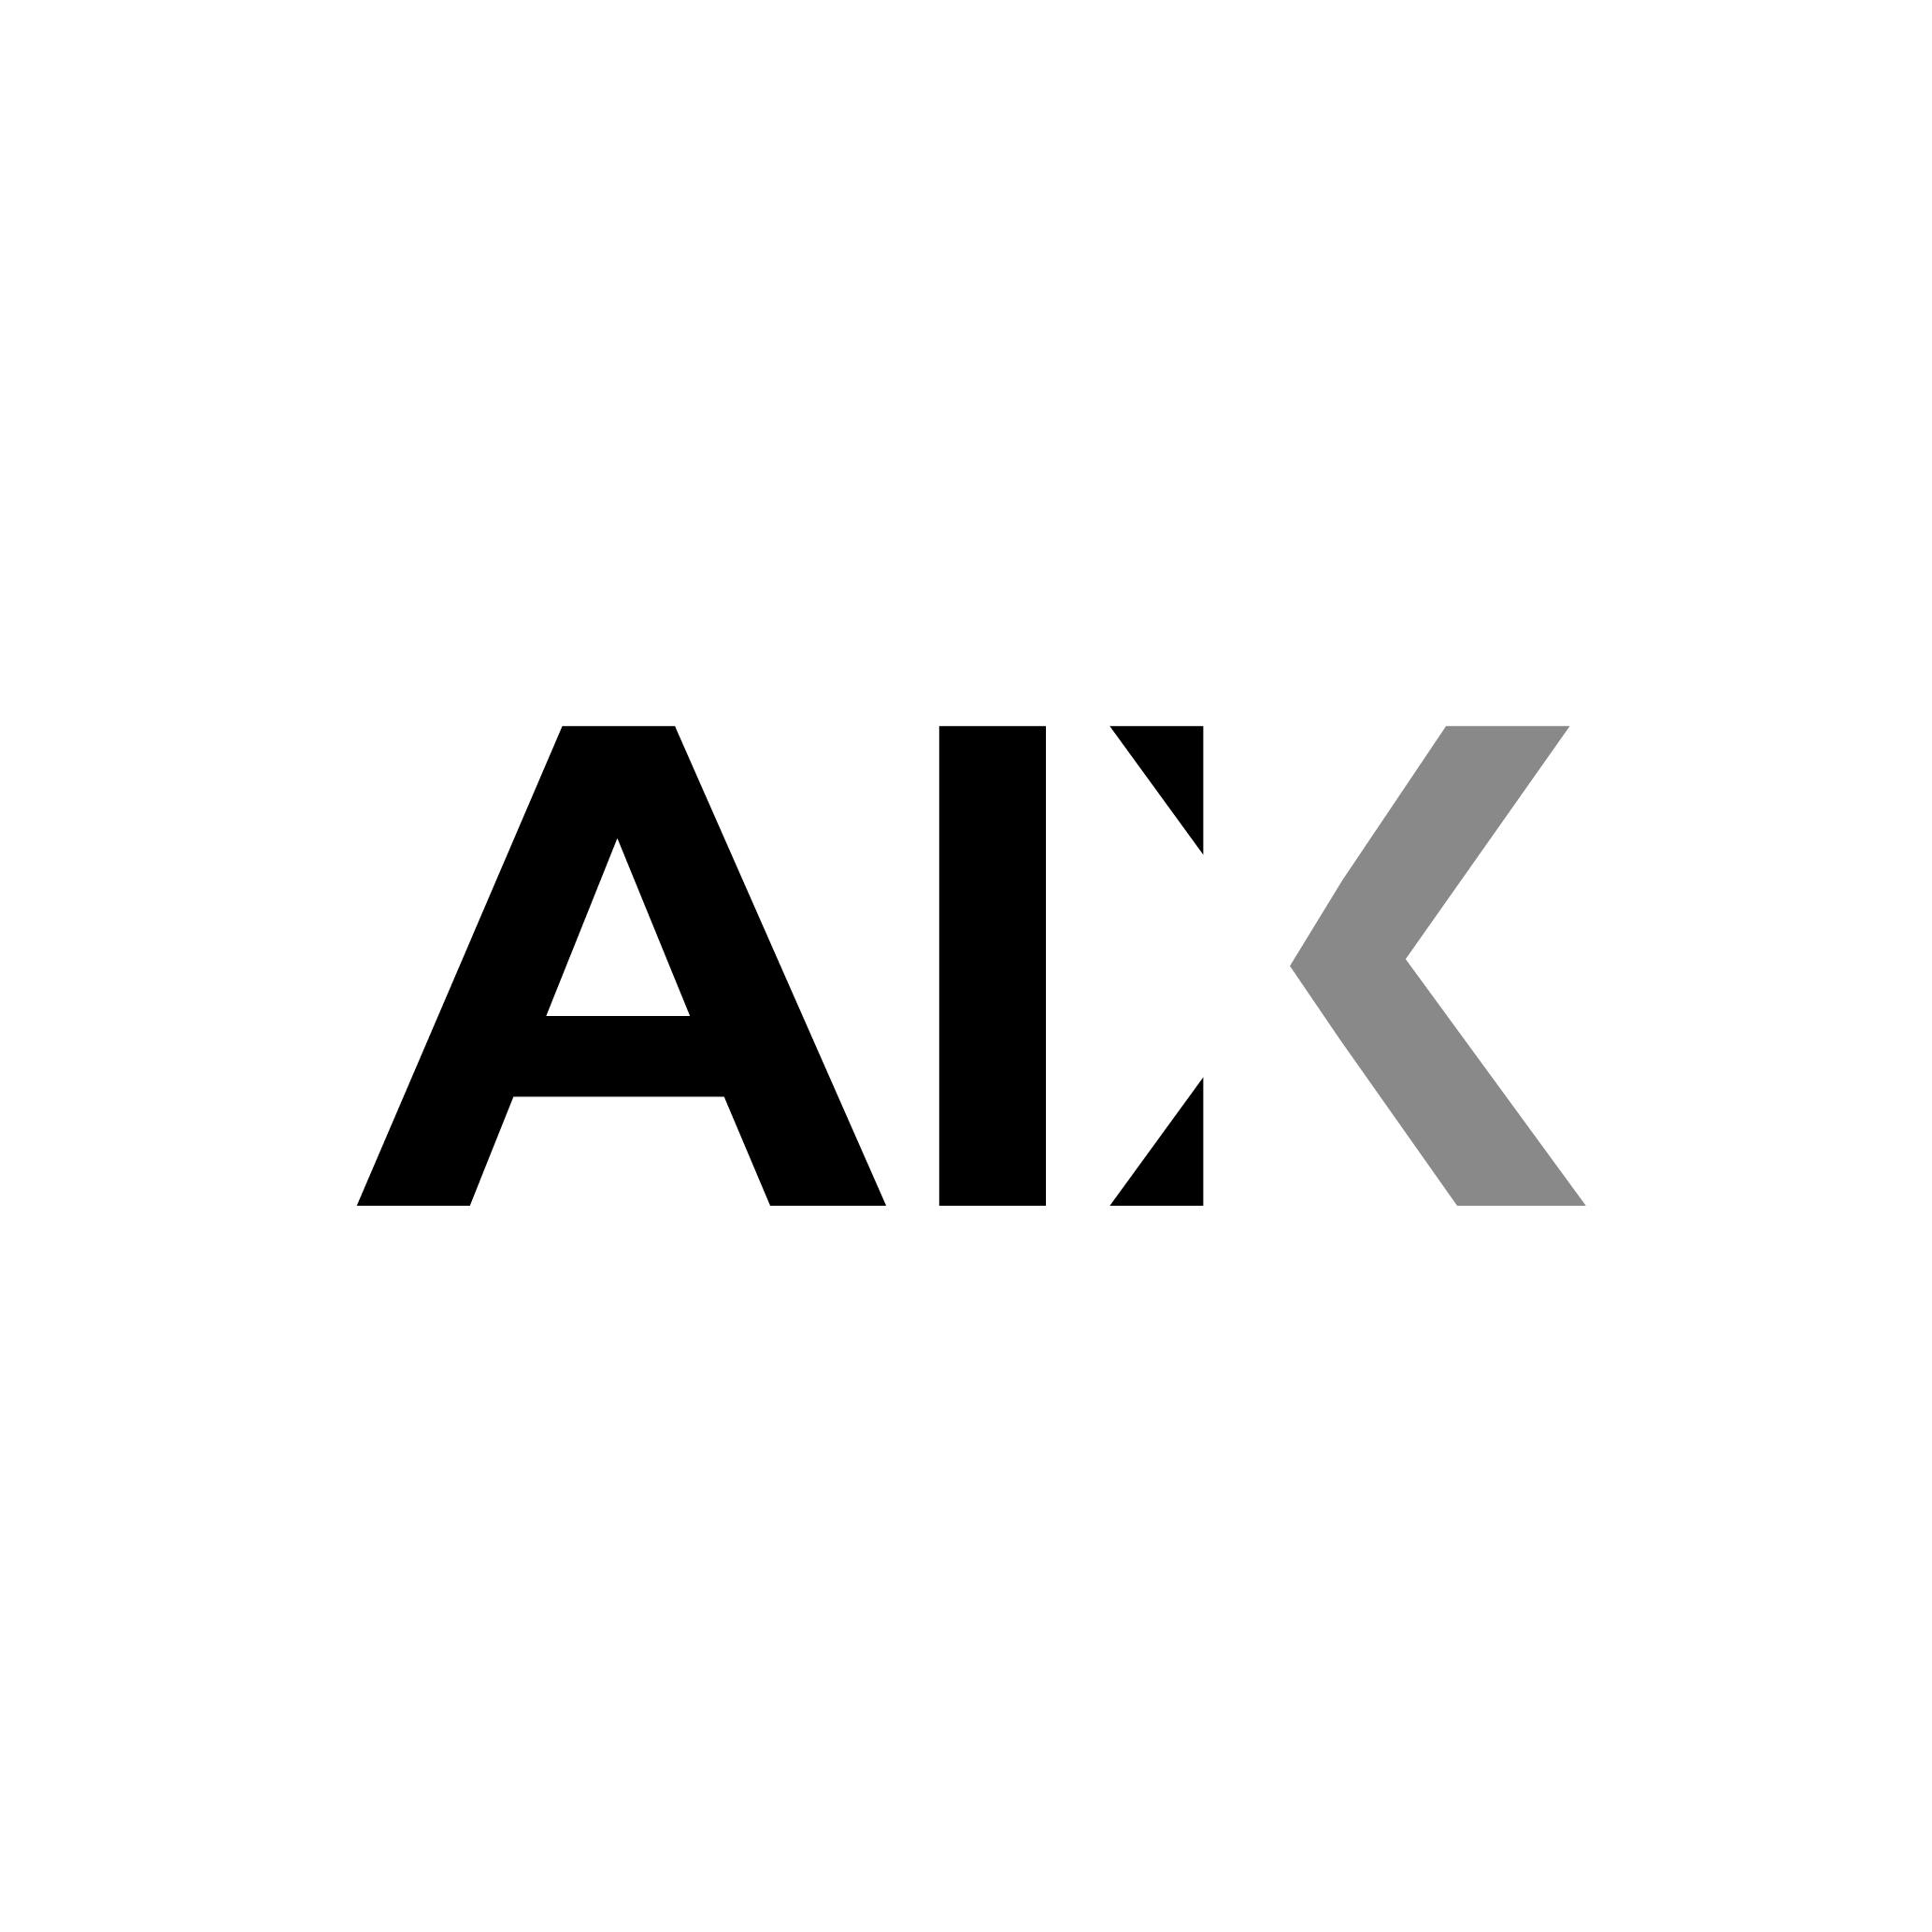 Aix square 02